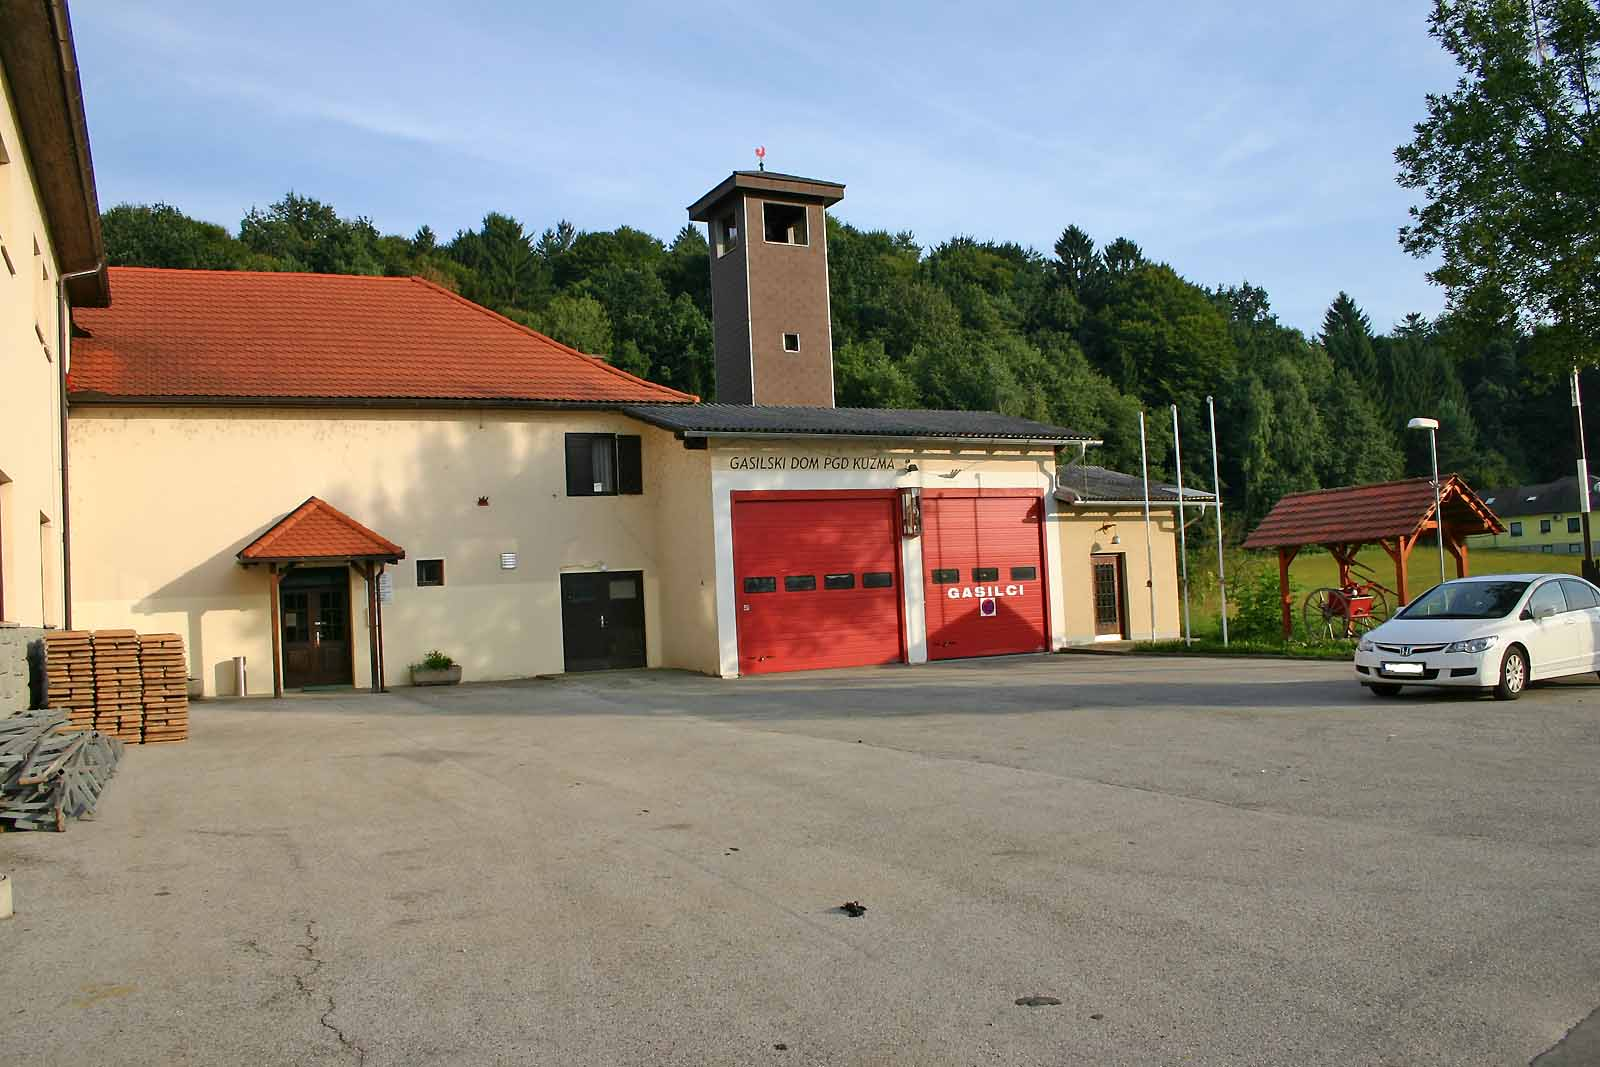 File Gasilski Dom Pgd Kuzma Jpg Wikimedia Commons